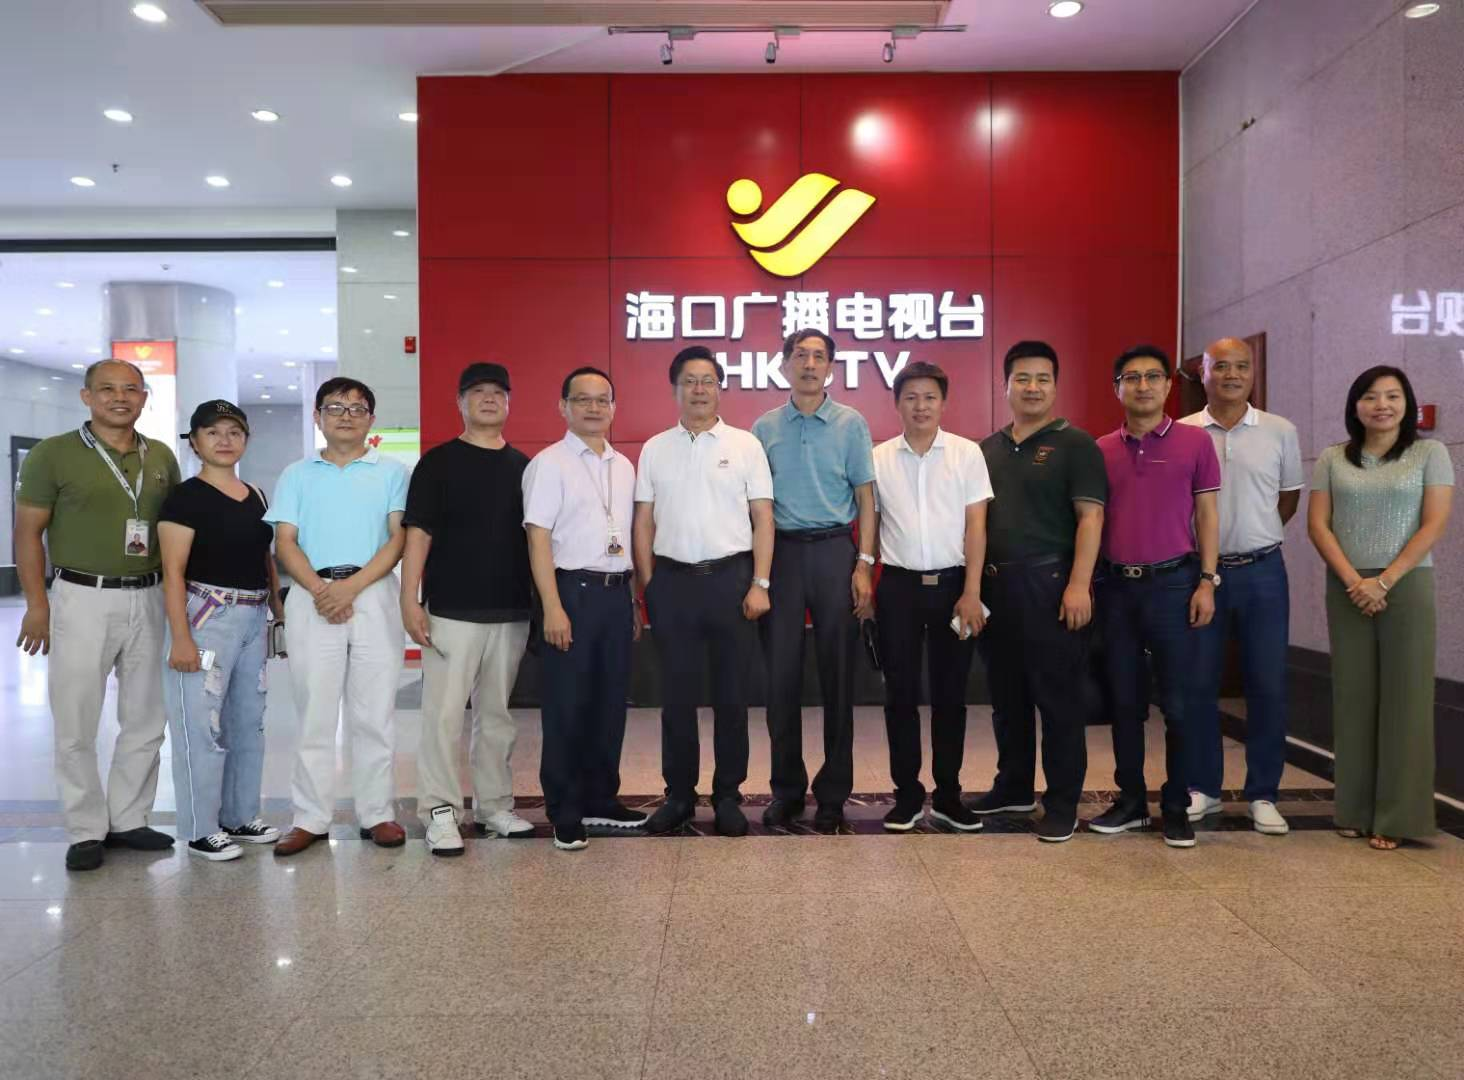 海南省广告协会一行到海口广播电视台进行参观交流